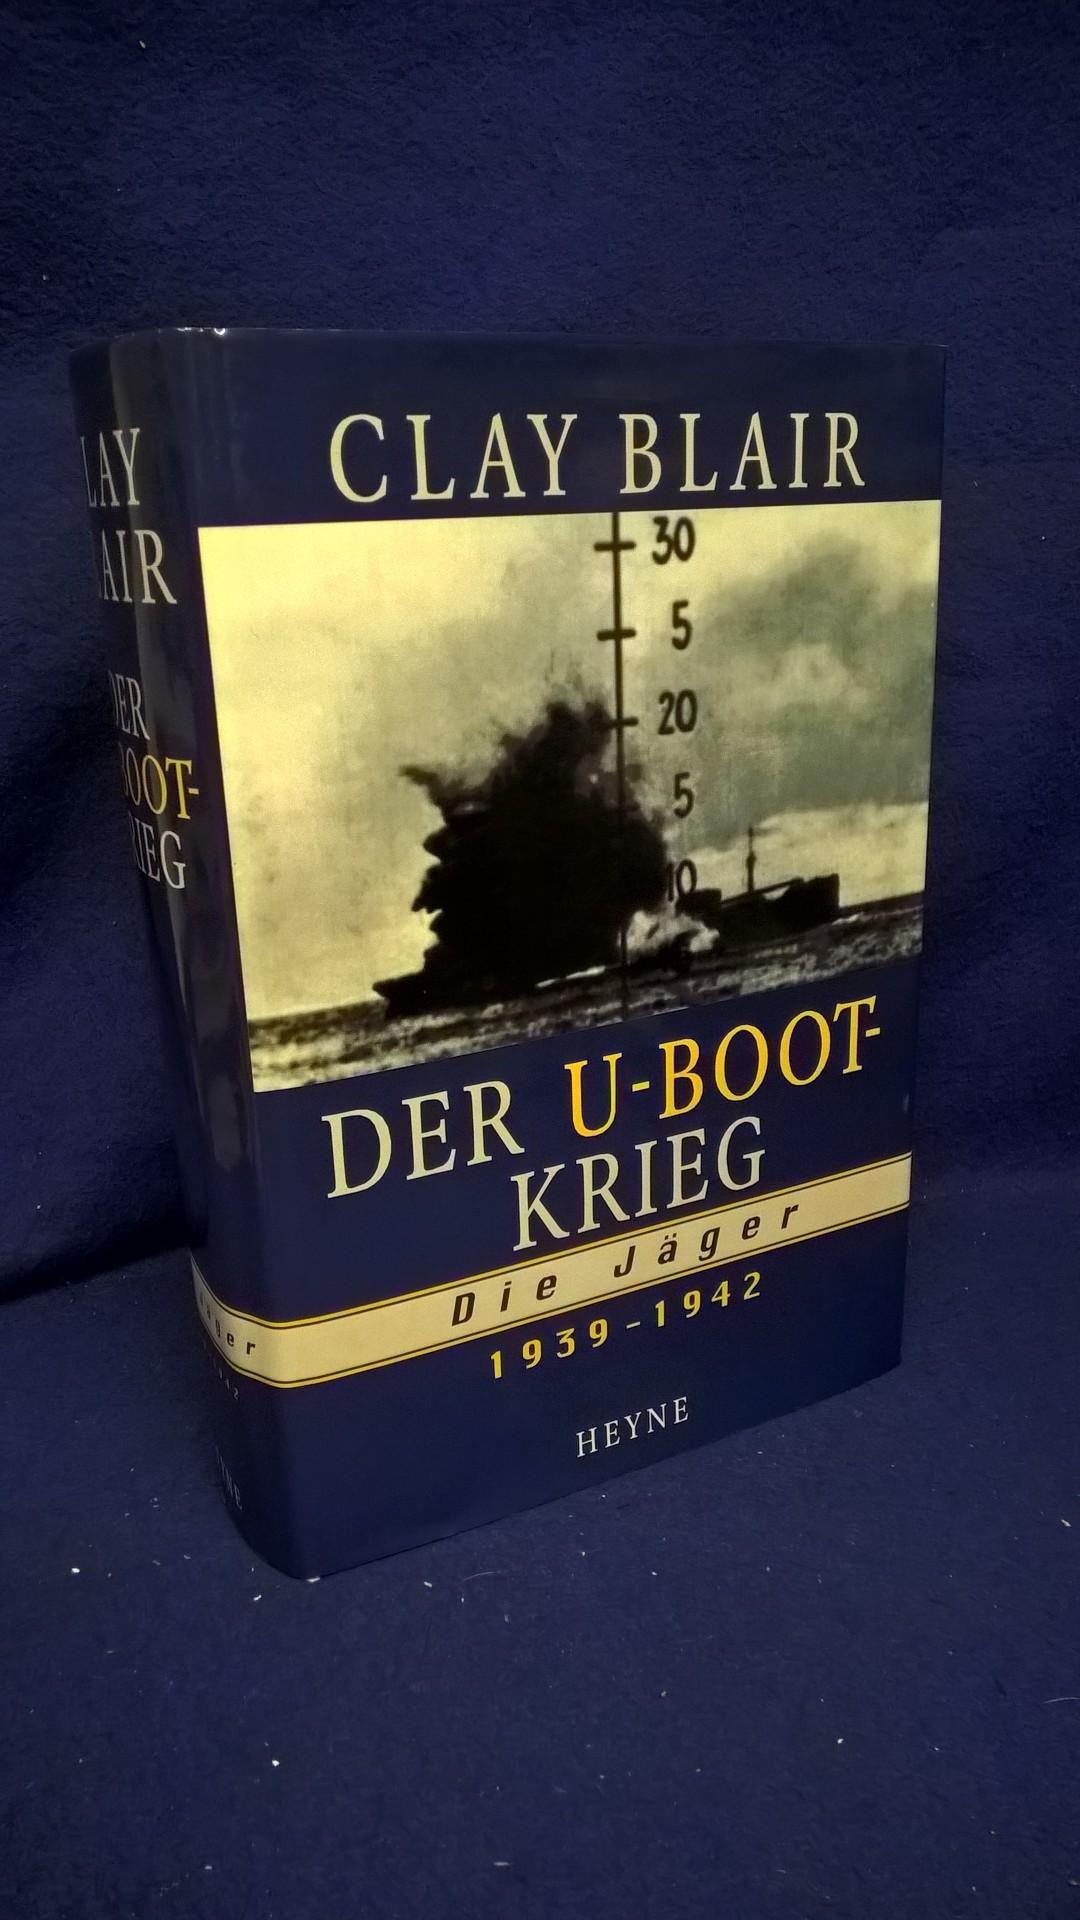 Der U-Boot-Krieg - Die Jäger. 1939 - 1942.